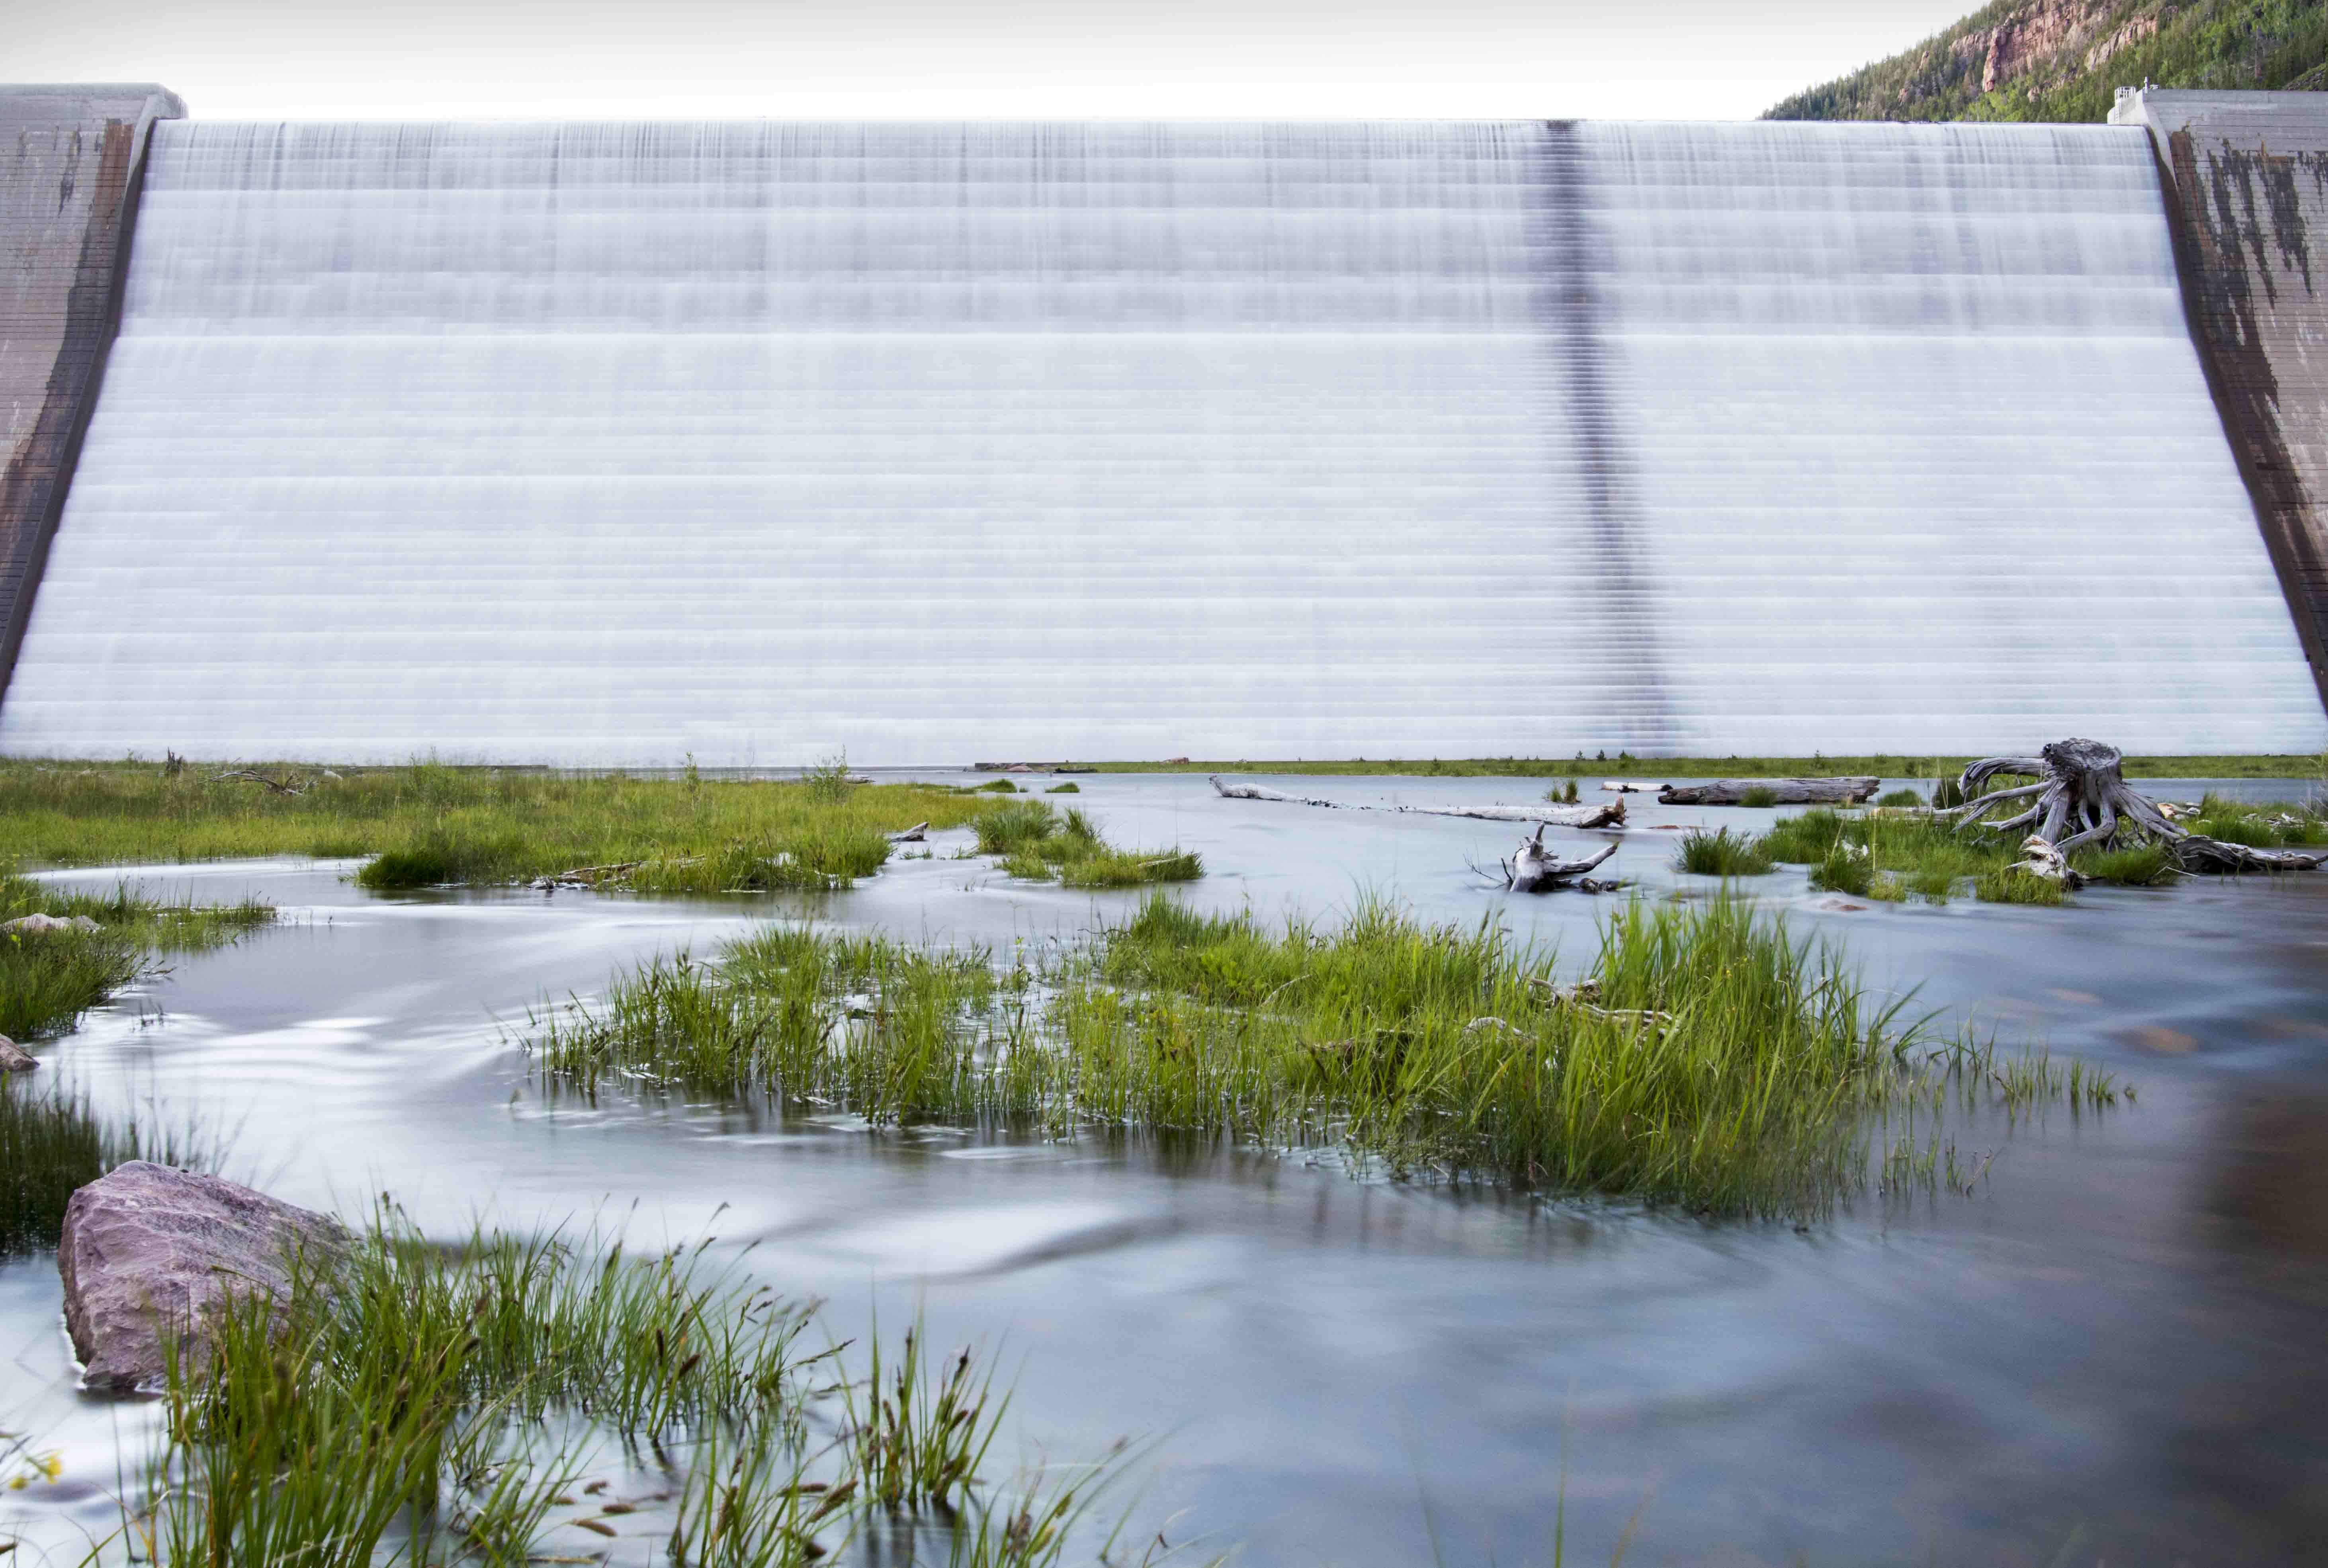 Upper Stillwater Spillway